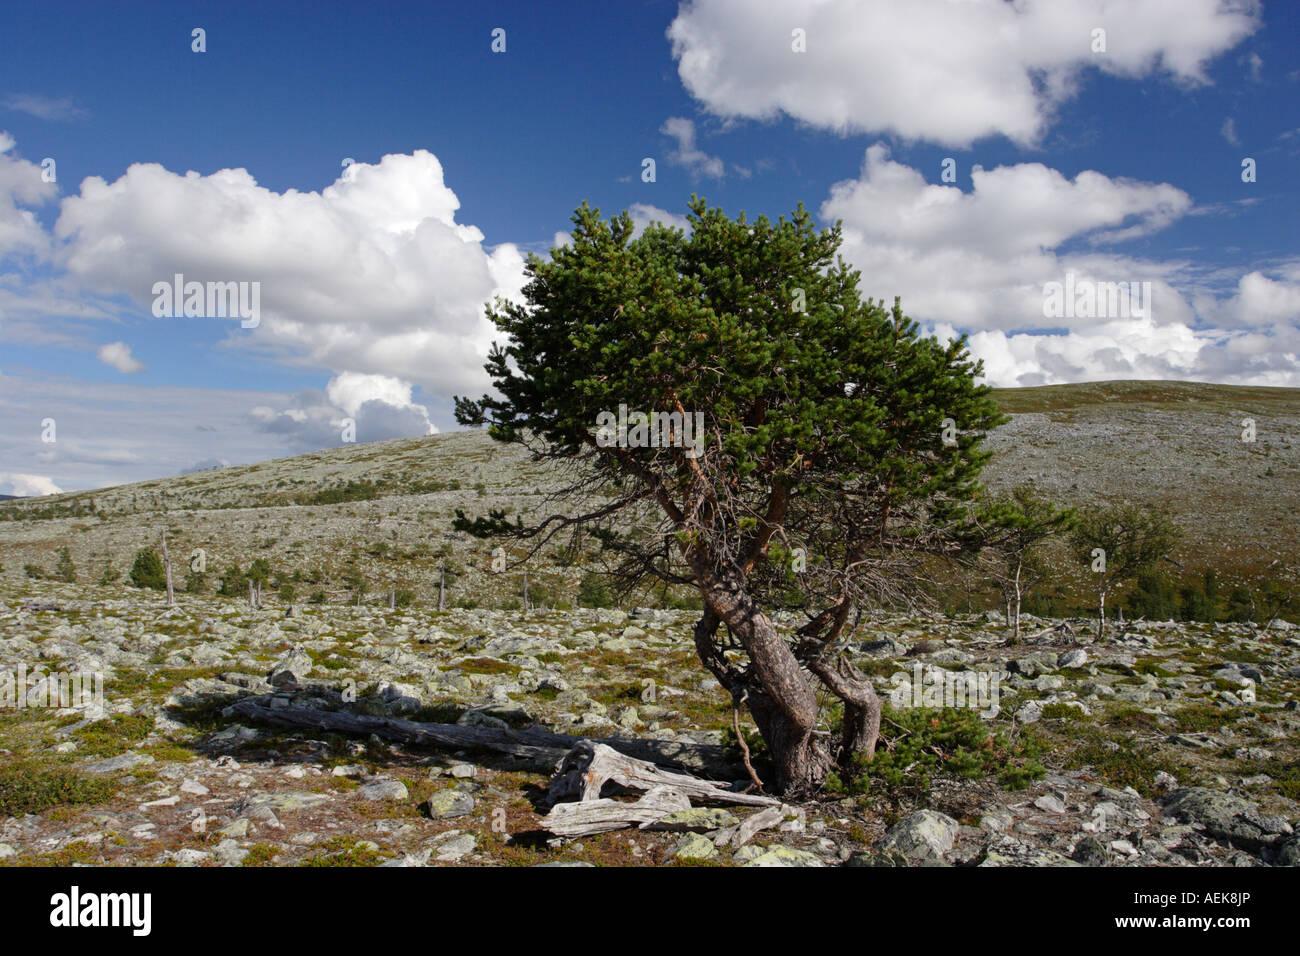 Baum in Norwegen in der Nähe von Elga am See Femunden Stockbild